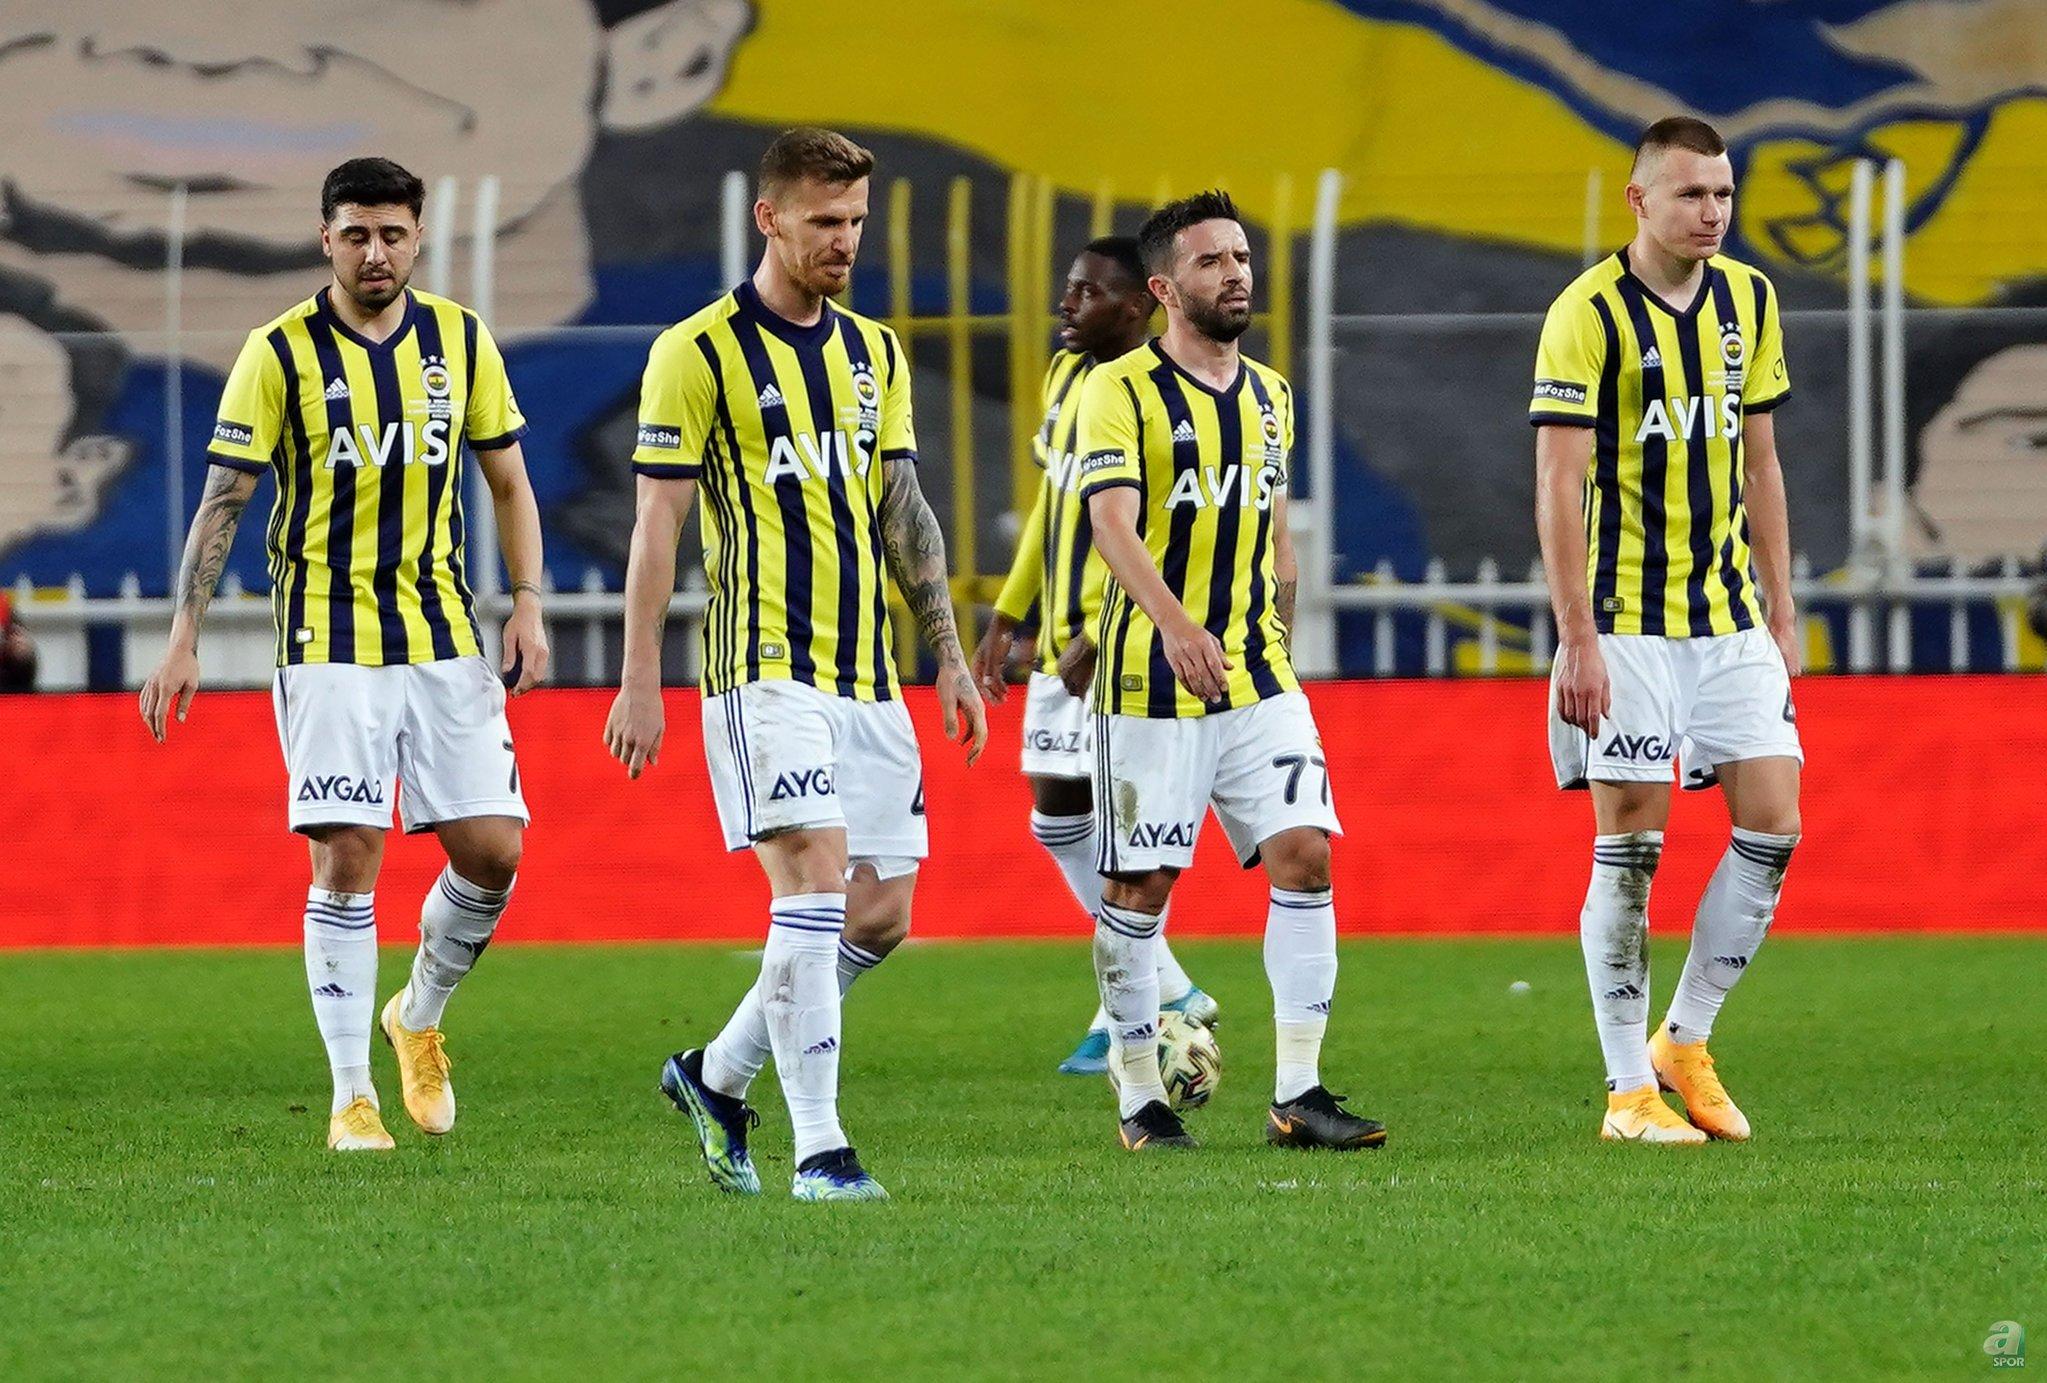 Son dakika transfer haberi: Fenerbahçe'de dev kadro yapılanması! Yeni hoca ile beraber 28 futbolcu...